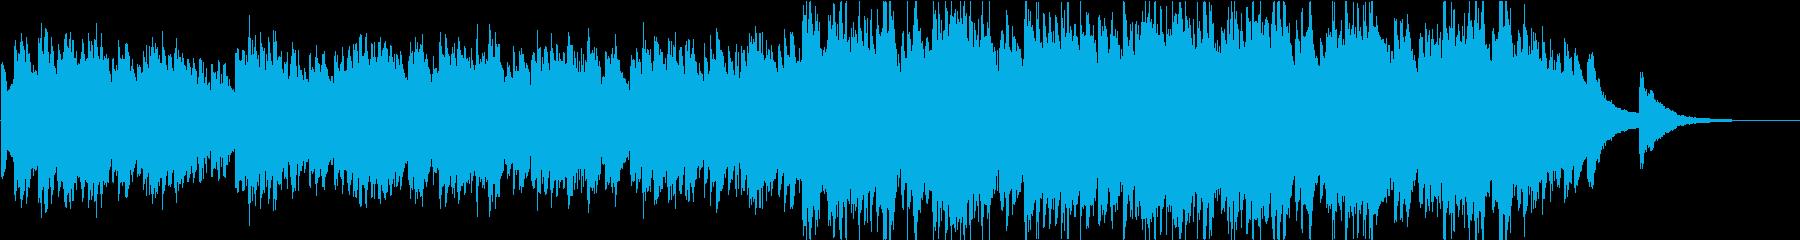 時報・チャイム風の名曲のメロディ・6の再生済みの波形